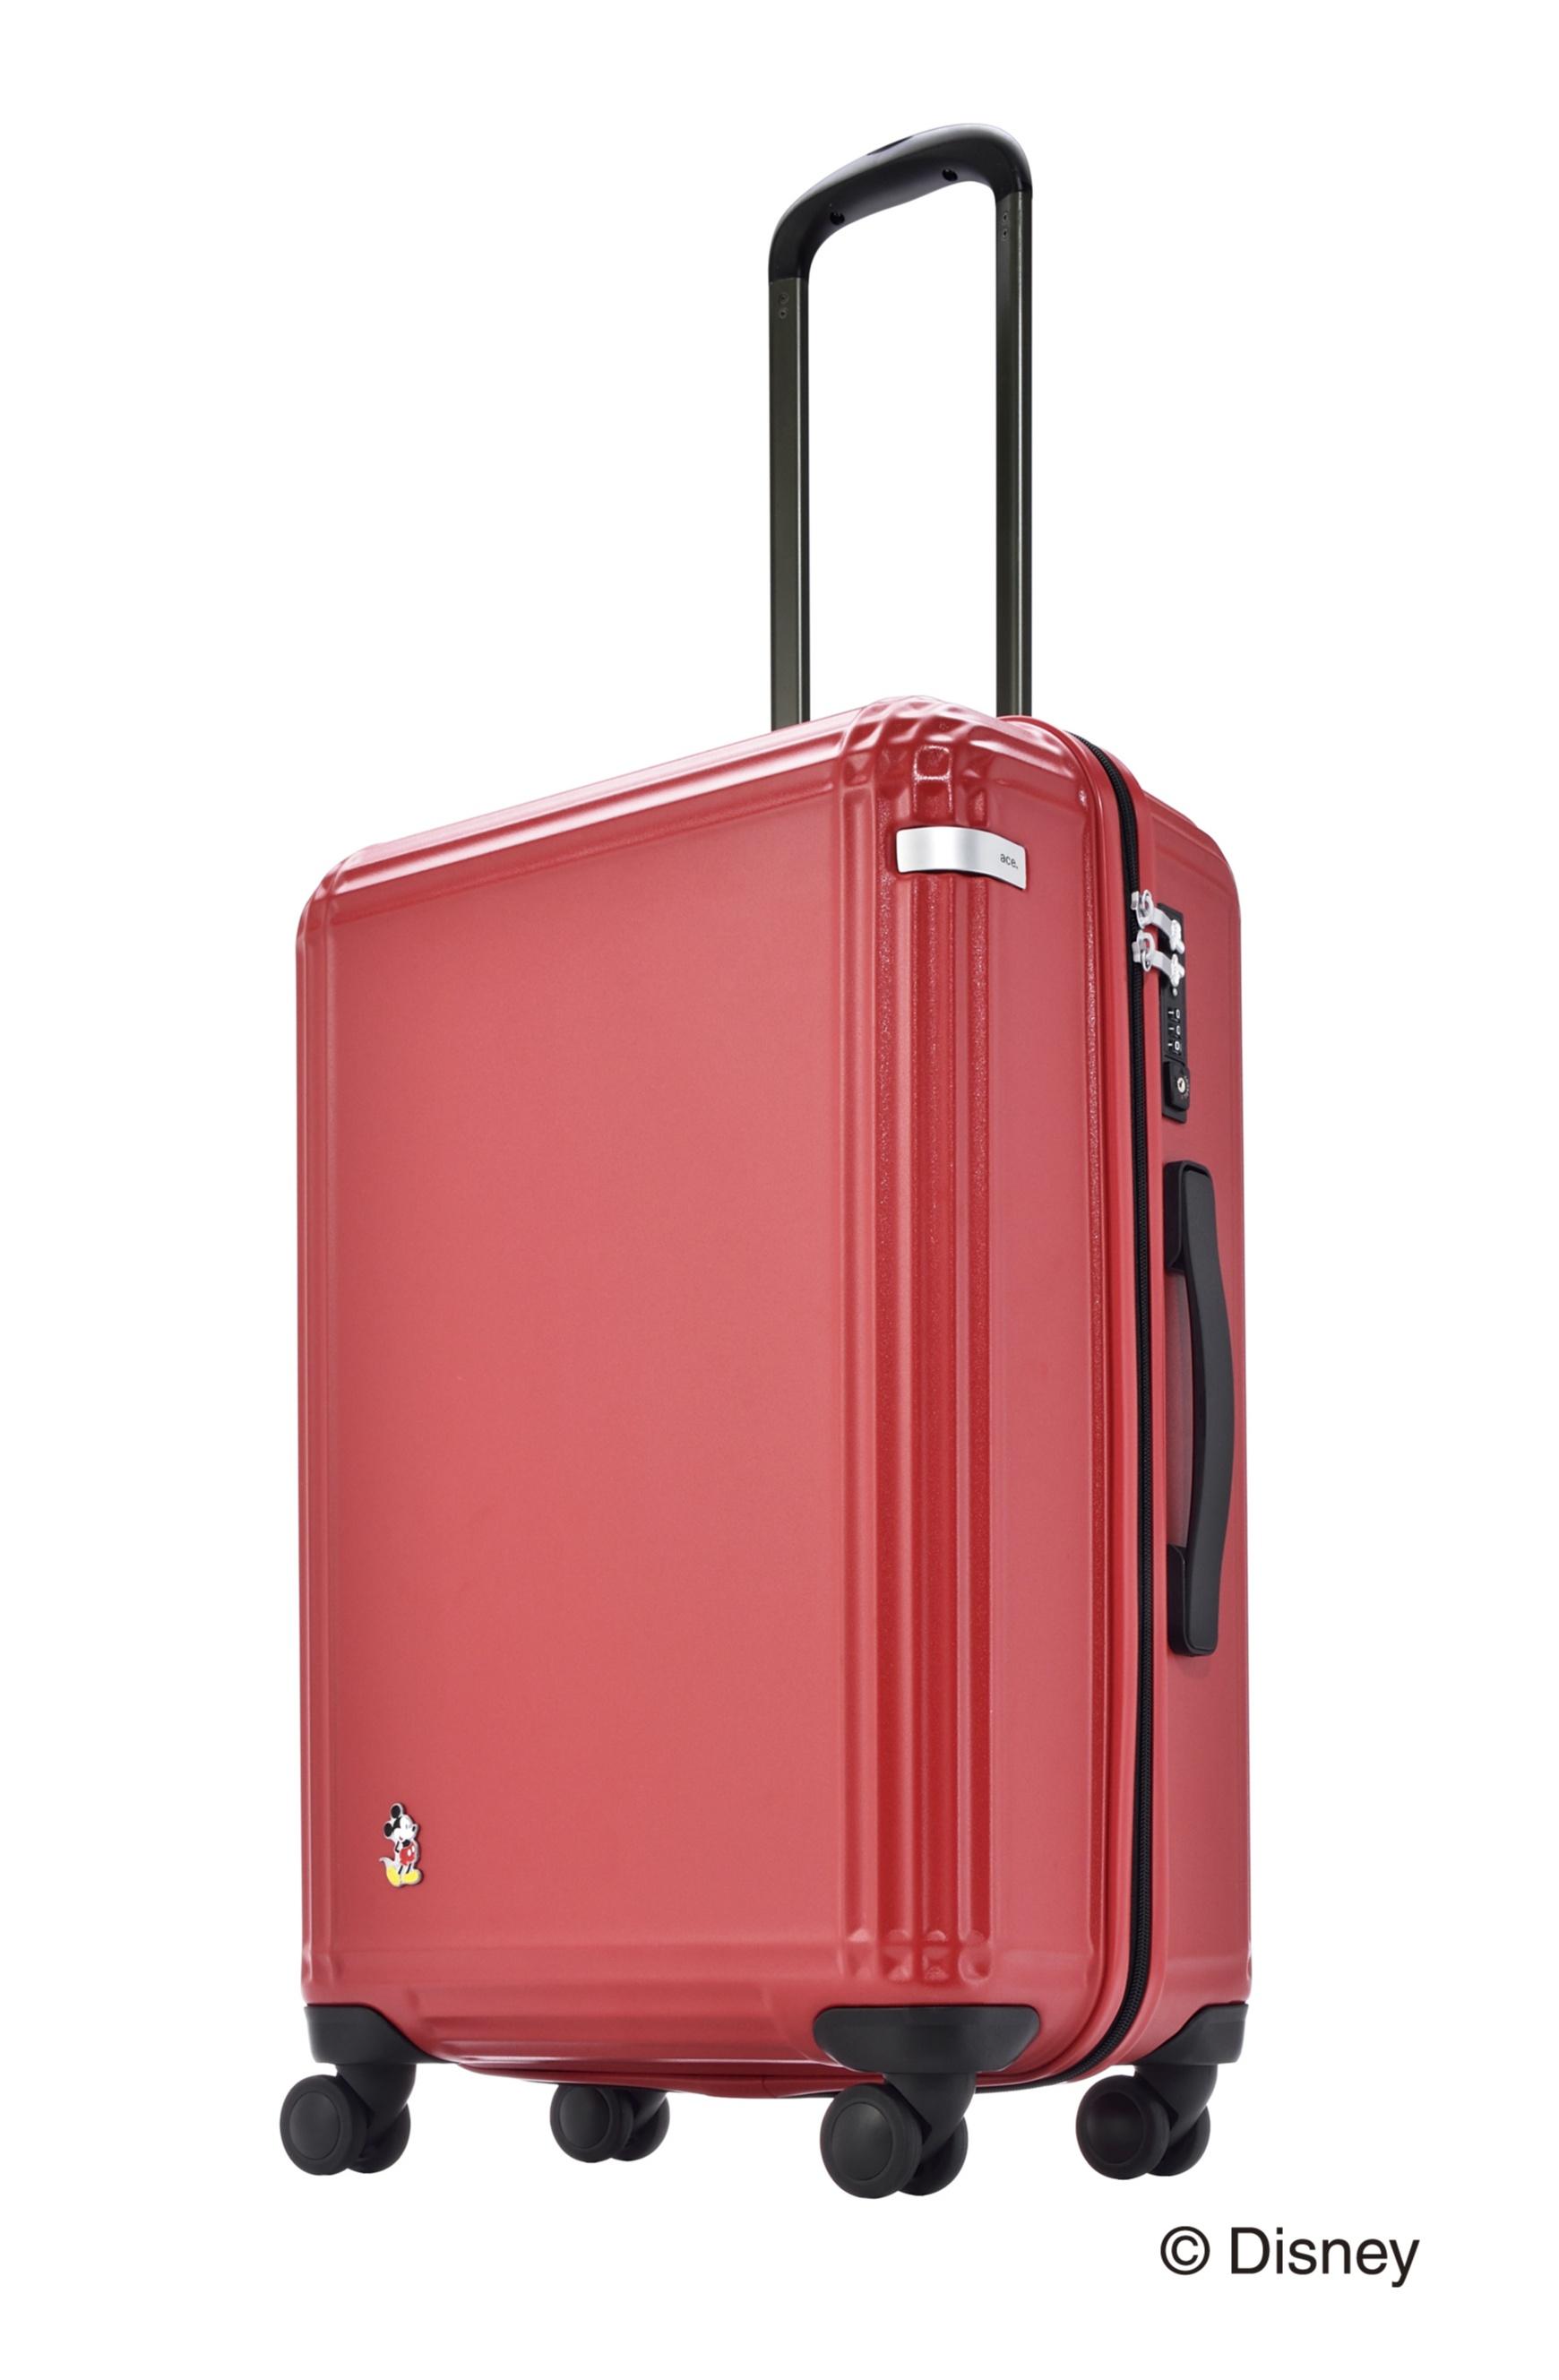 GWの旅行はミッキーマウスを連れて行こう♡ 細部までかわいいスーツケース発売中!_1